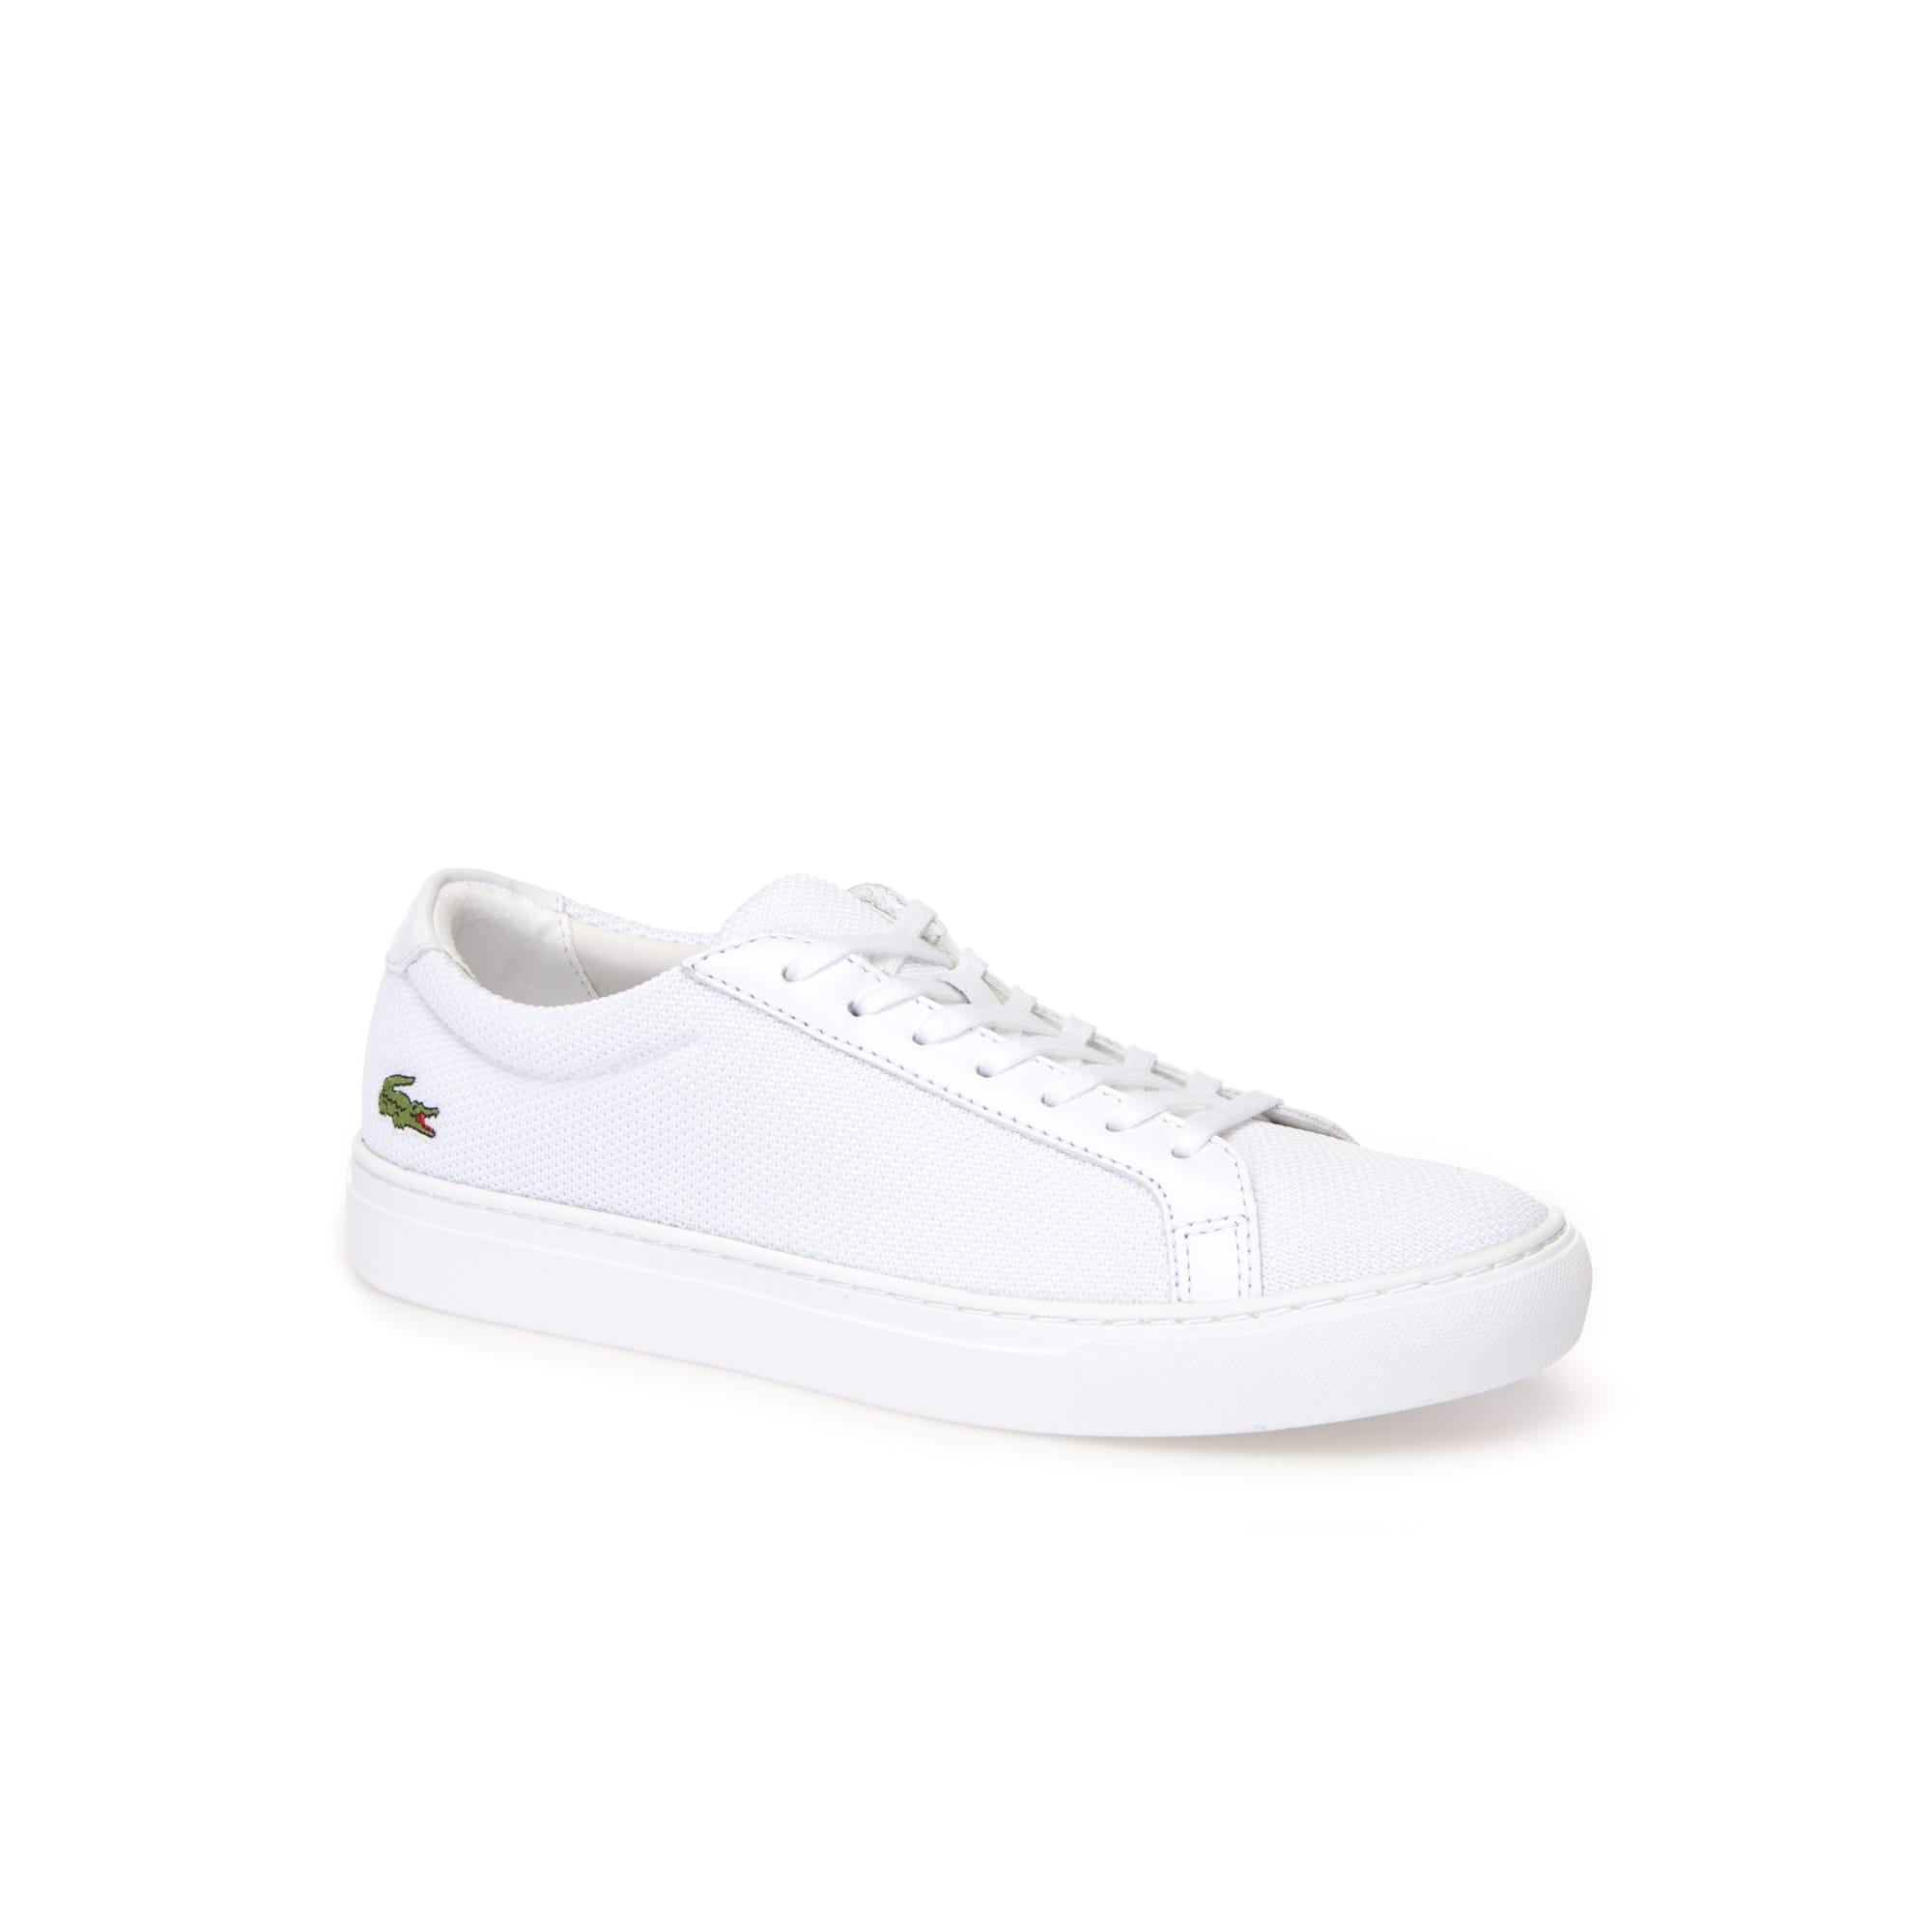 Sneakers L.12.12 en toile piquée